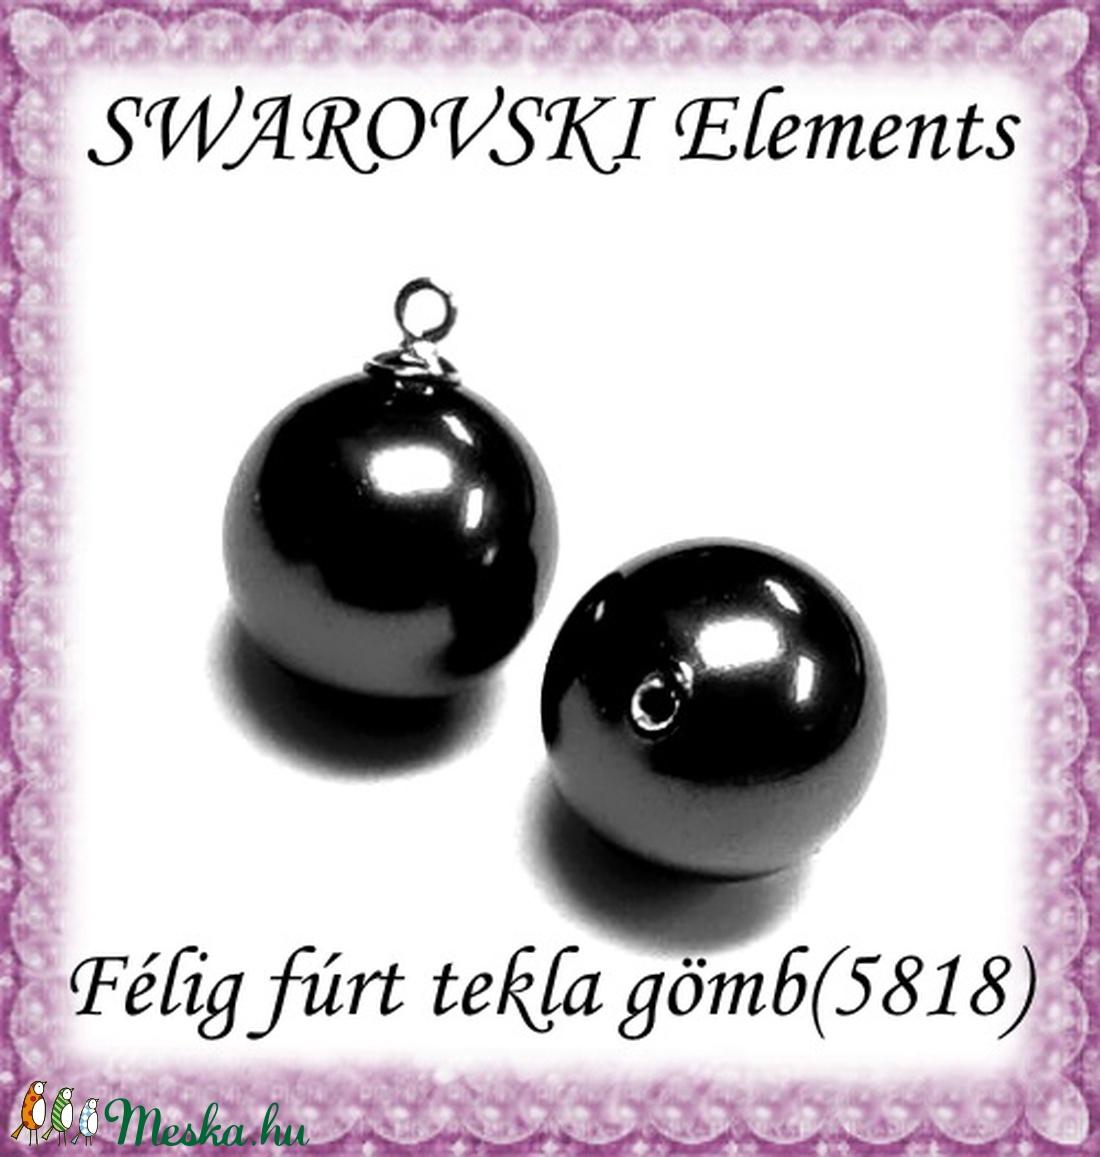 Ékszerkellék: Swarovski félig fúrt tekla gömb  6mm-es  - gyöngy, ékszerkellék - swarovski kristályok - Meska.hu